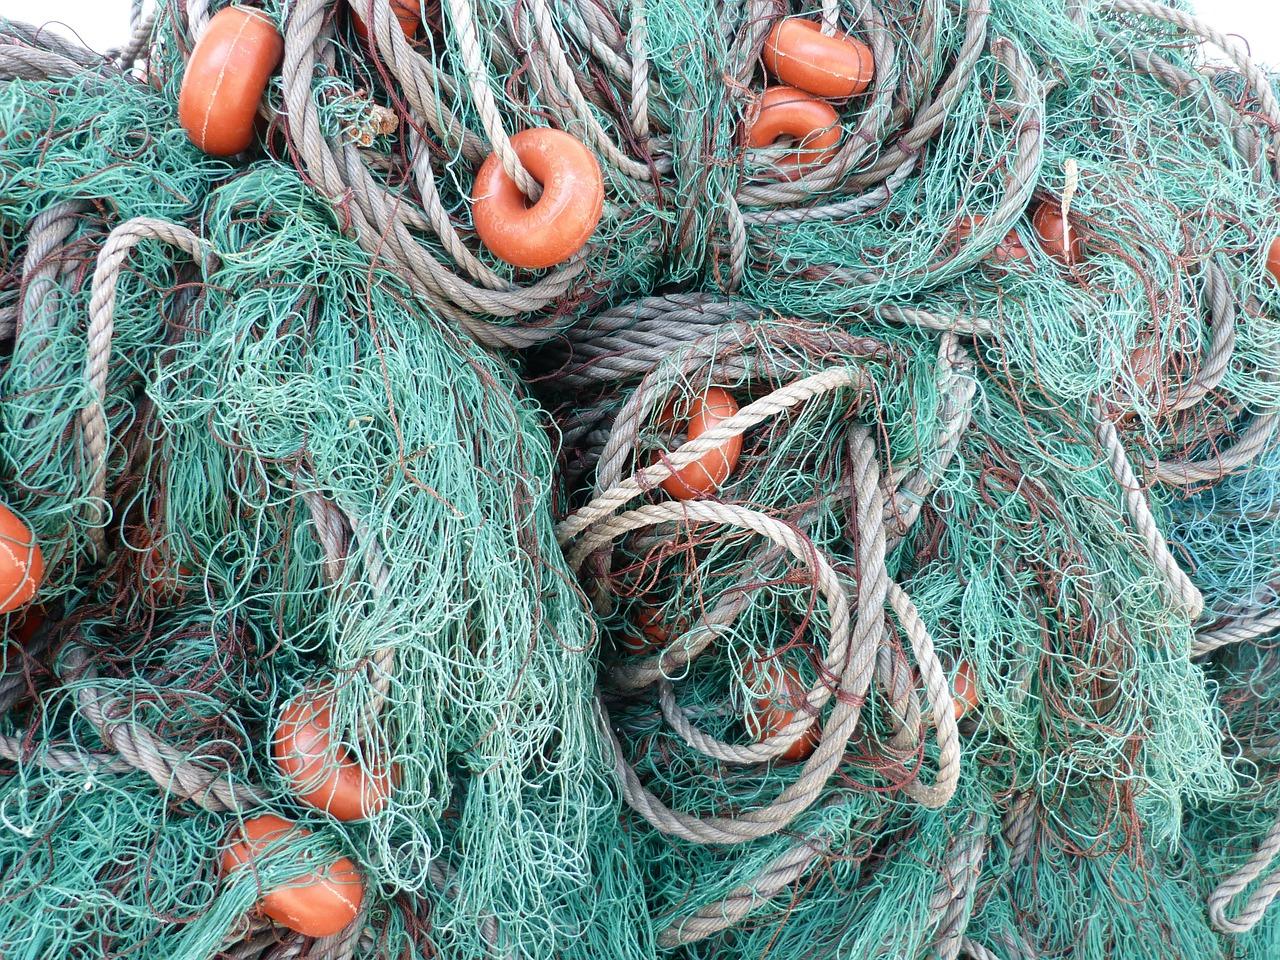 купить японские сети для рыбалки